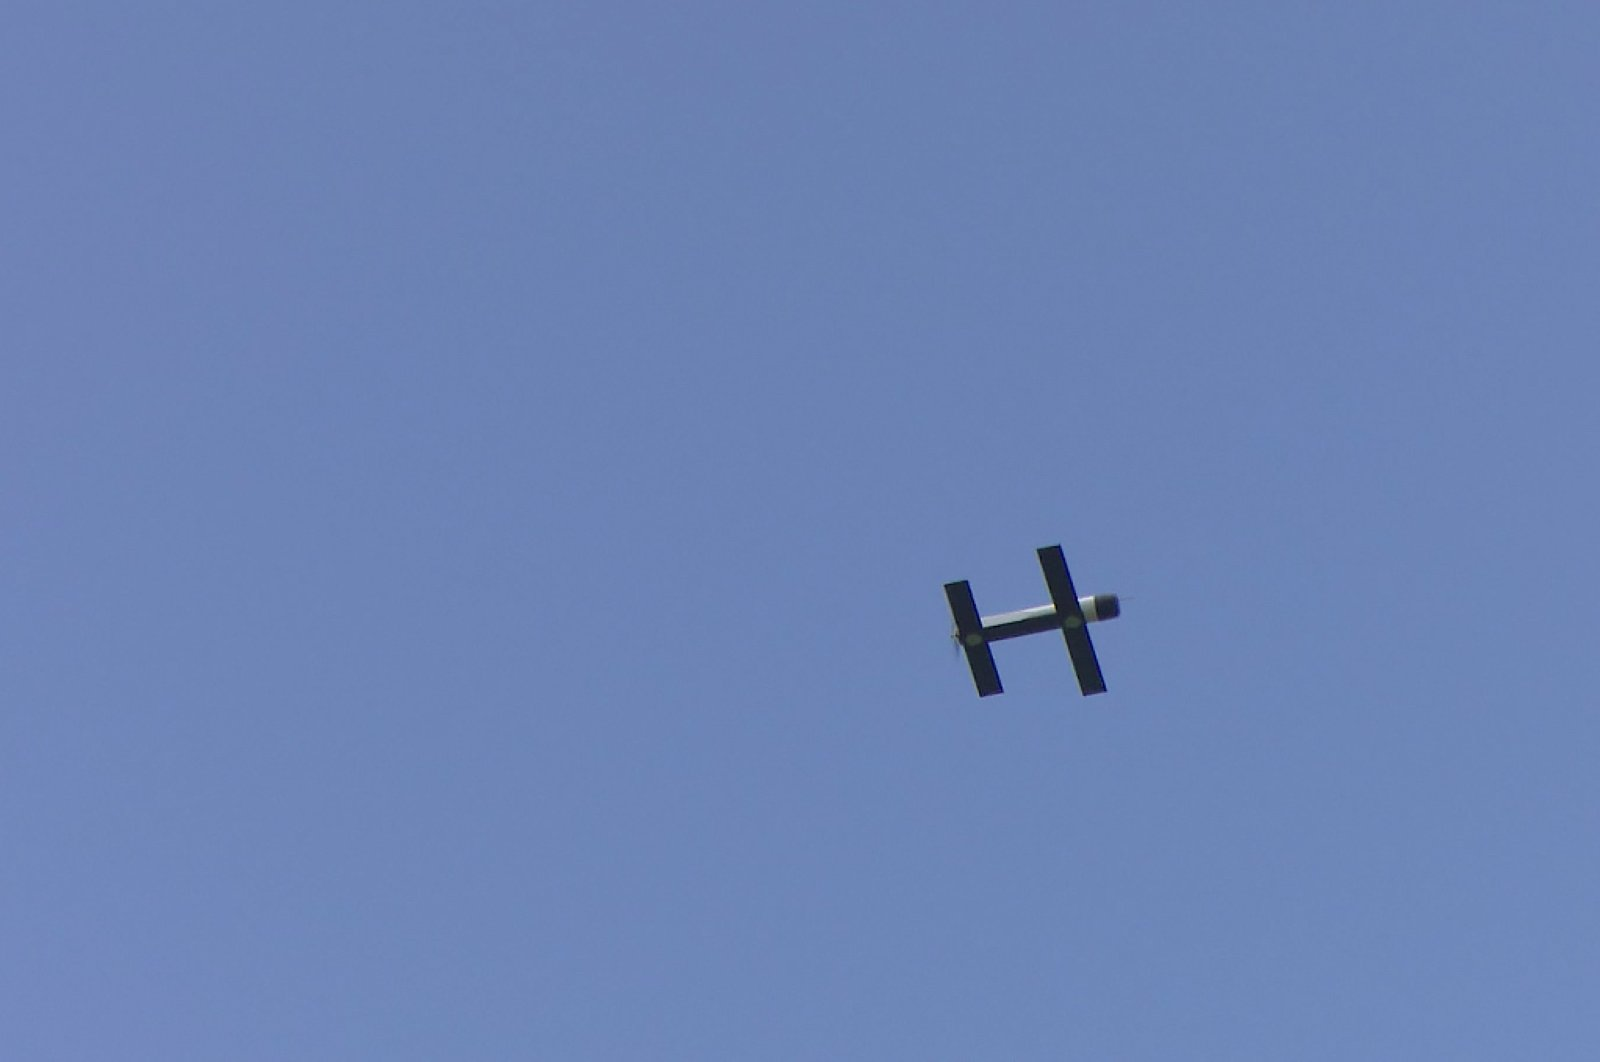 KARGU kamikaze drone. (STM via AA)